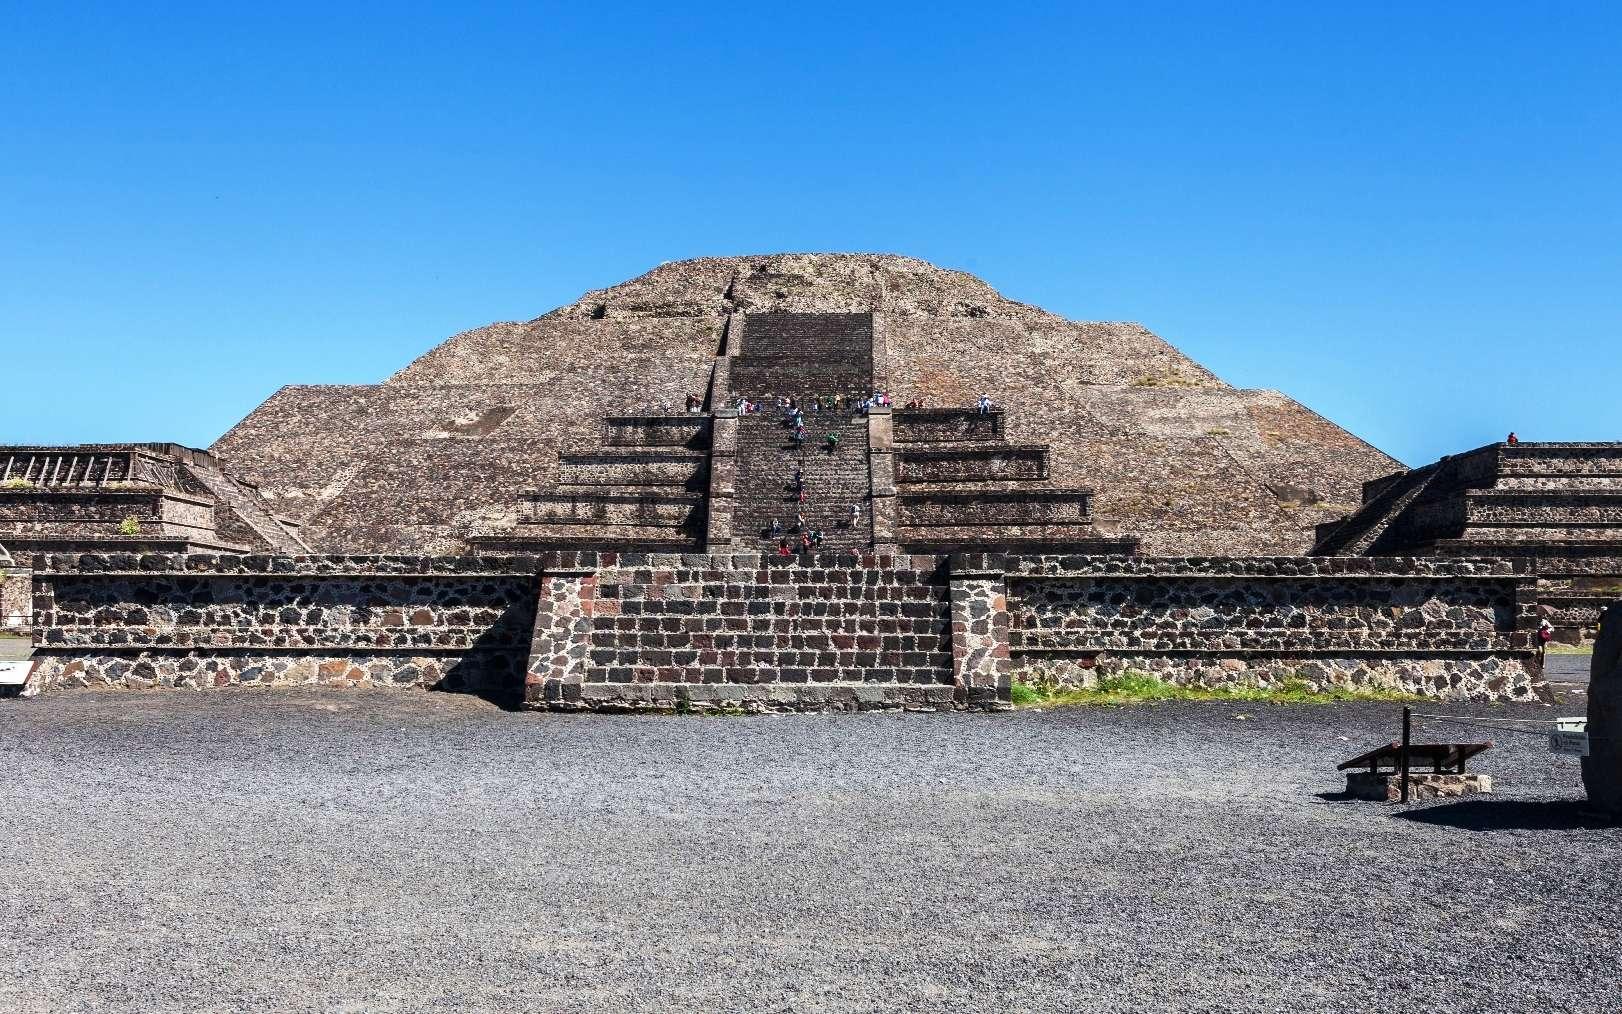 À Teotihuacan, la pyramide de la Lune cache-t-elle un tunnel ? Par Laurent Sacco Dfd871895d_109055_teotihuacan-pyramide-lune-diego-delso-cc-by-sa-30jpg